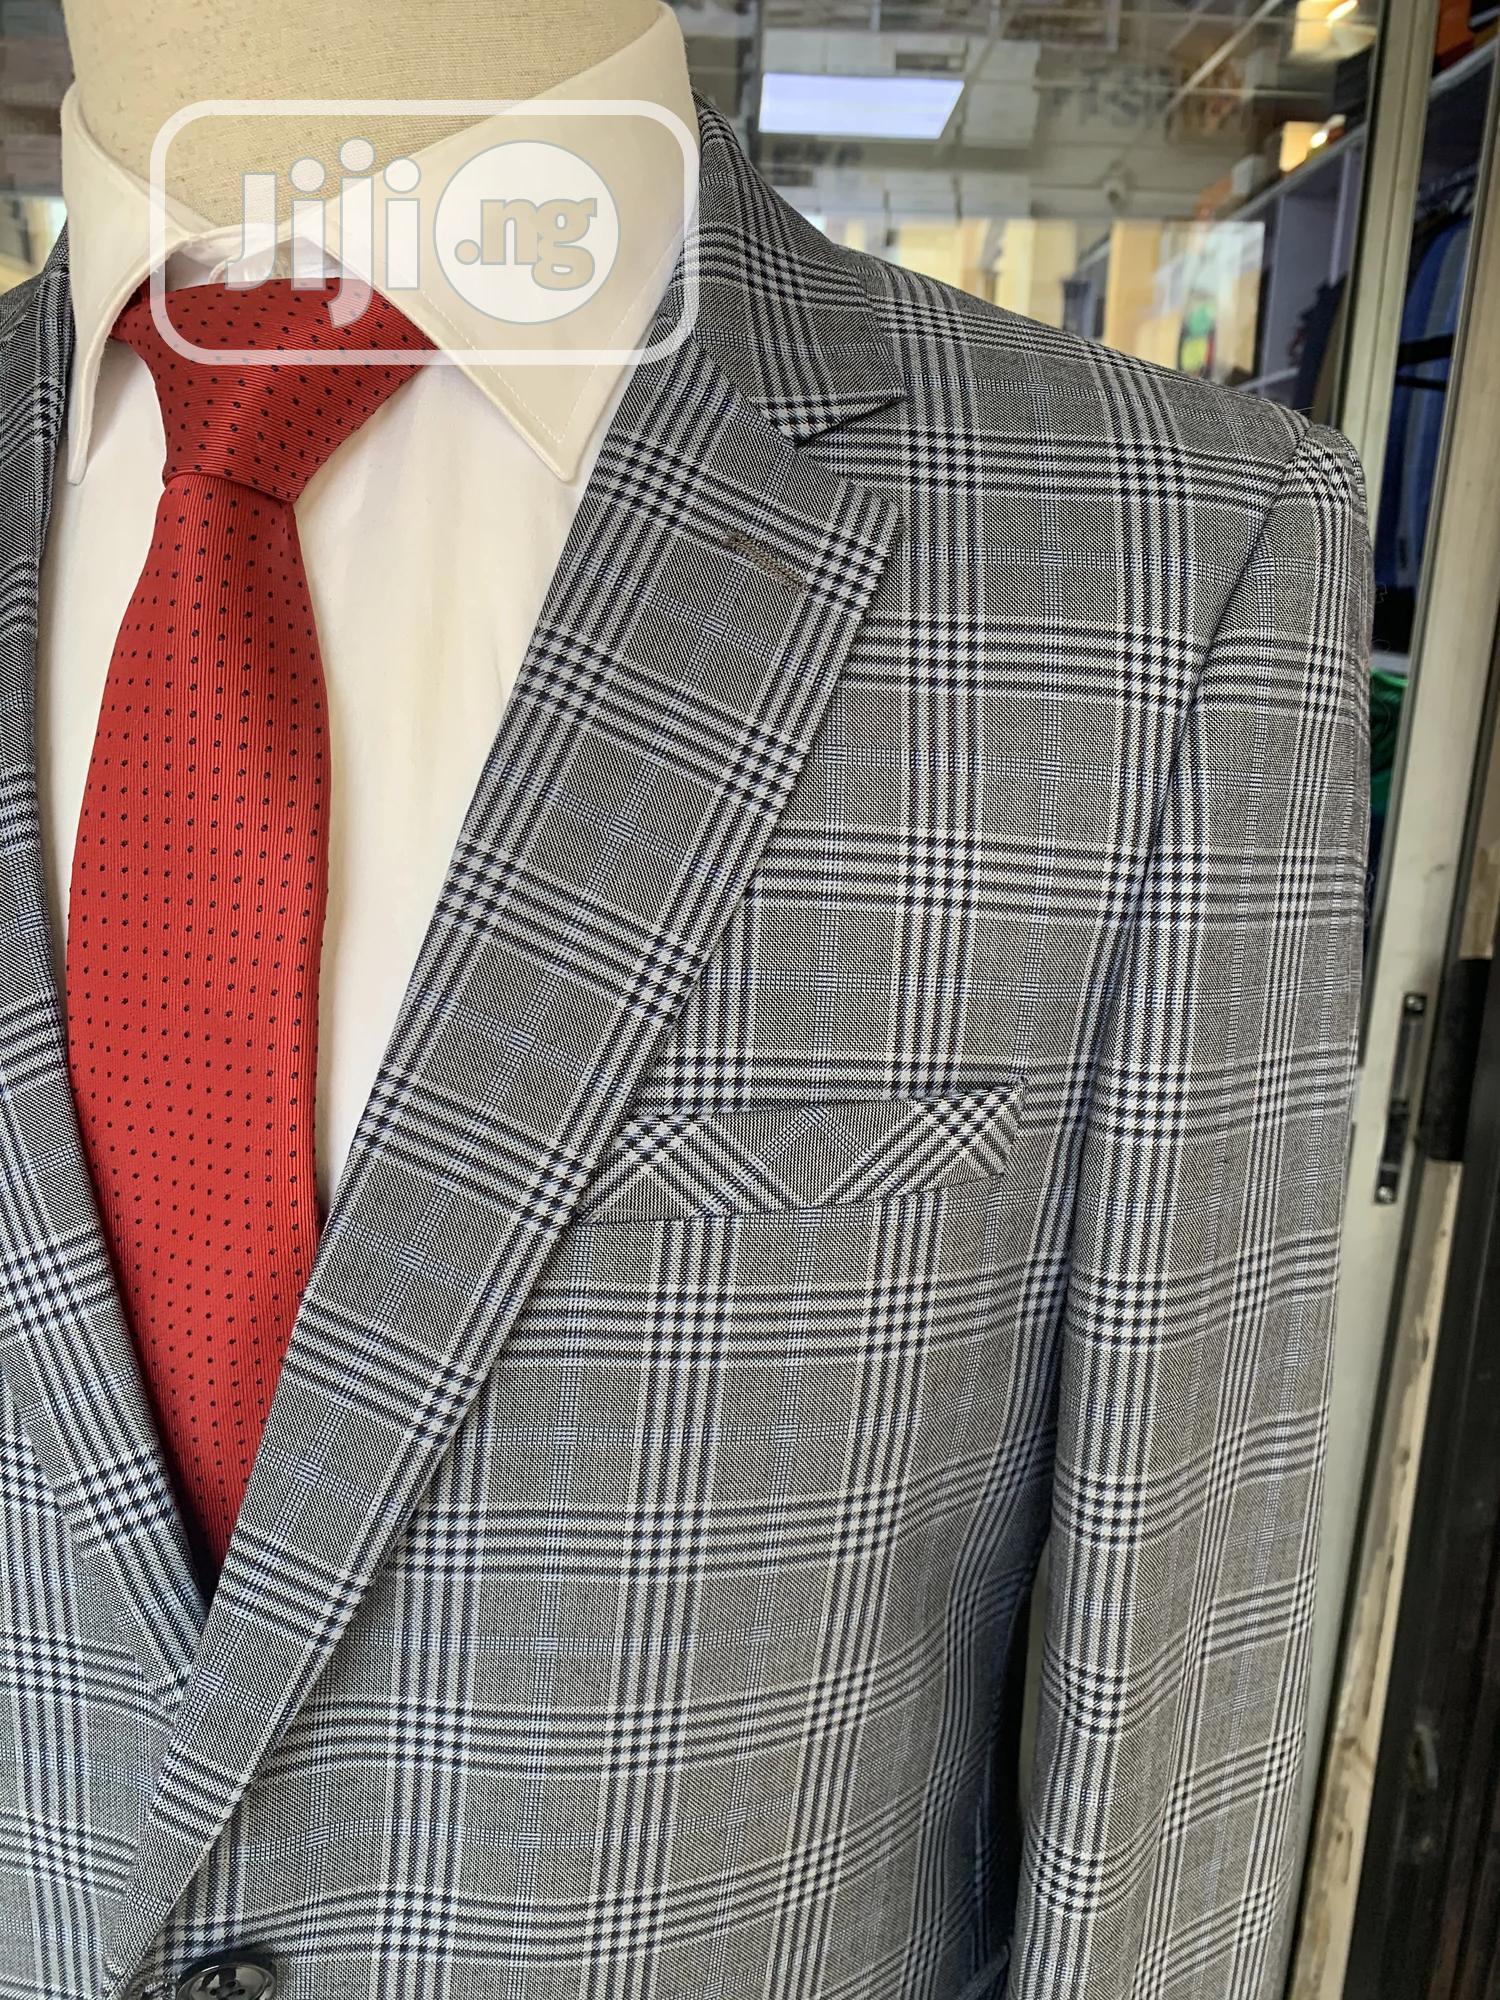 Nice Turkey Blazers | Clothing for sale in Garki 2, Abuja (FCT) State, Nigeria